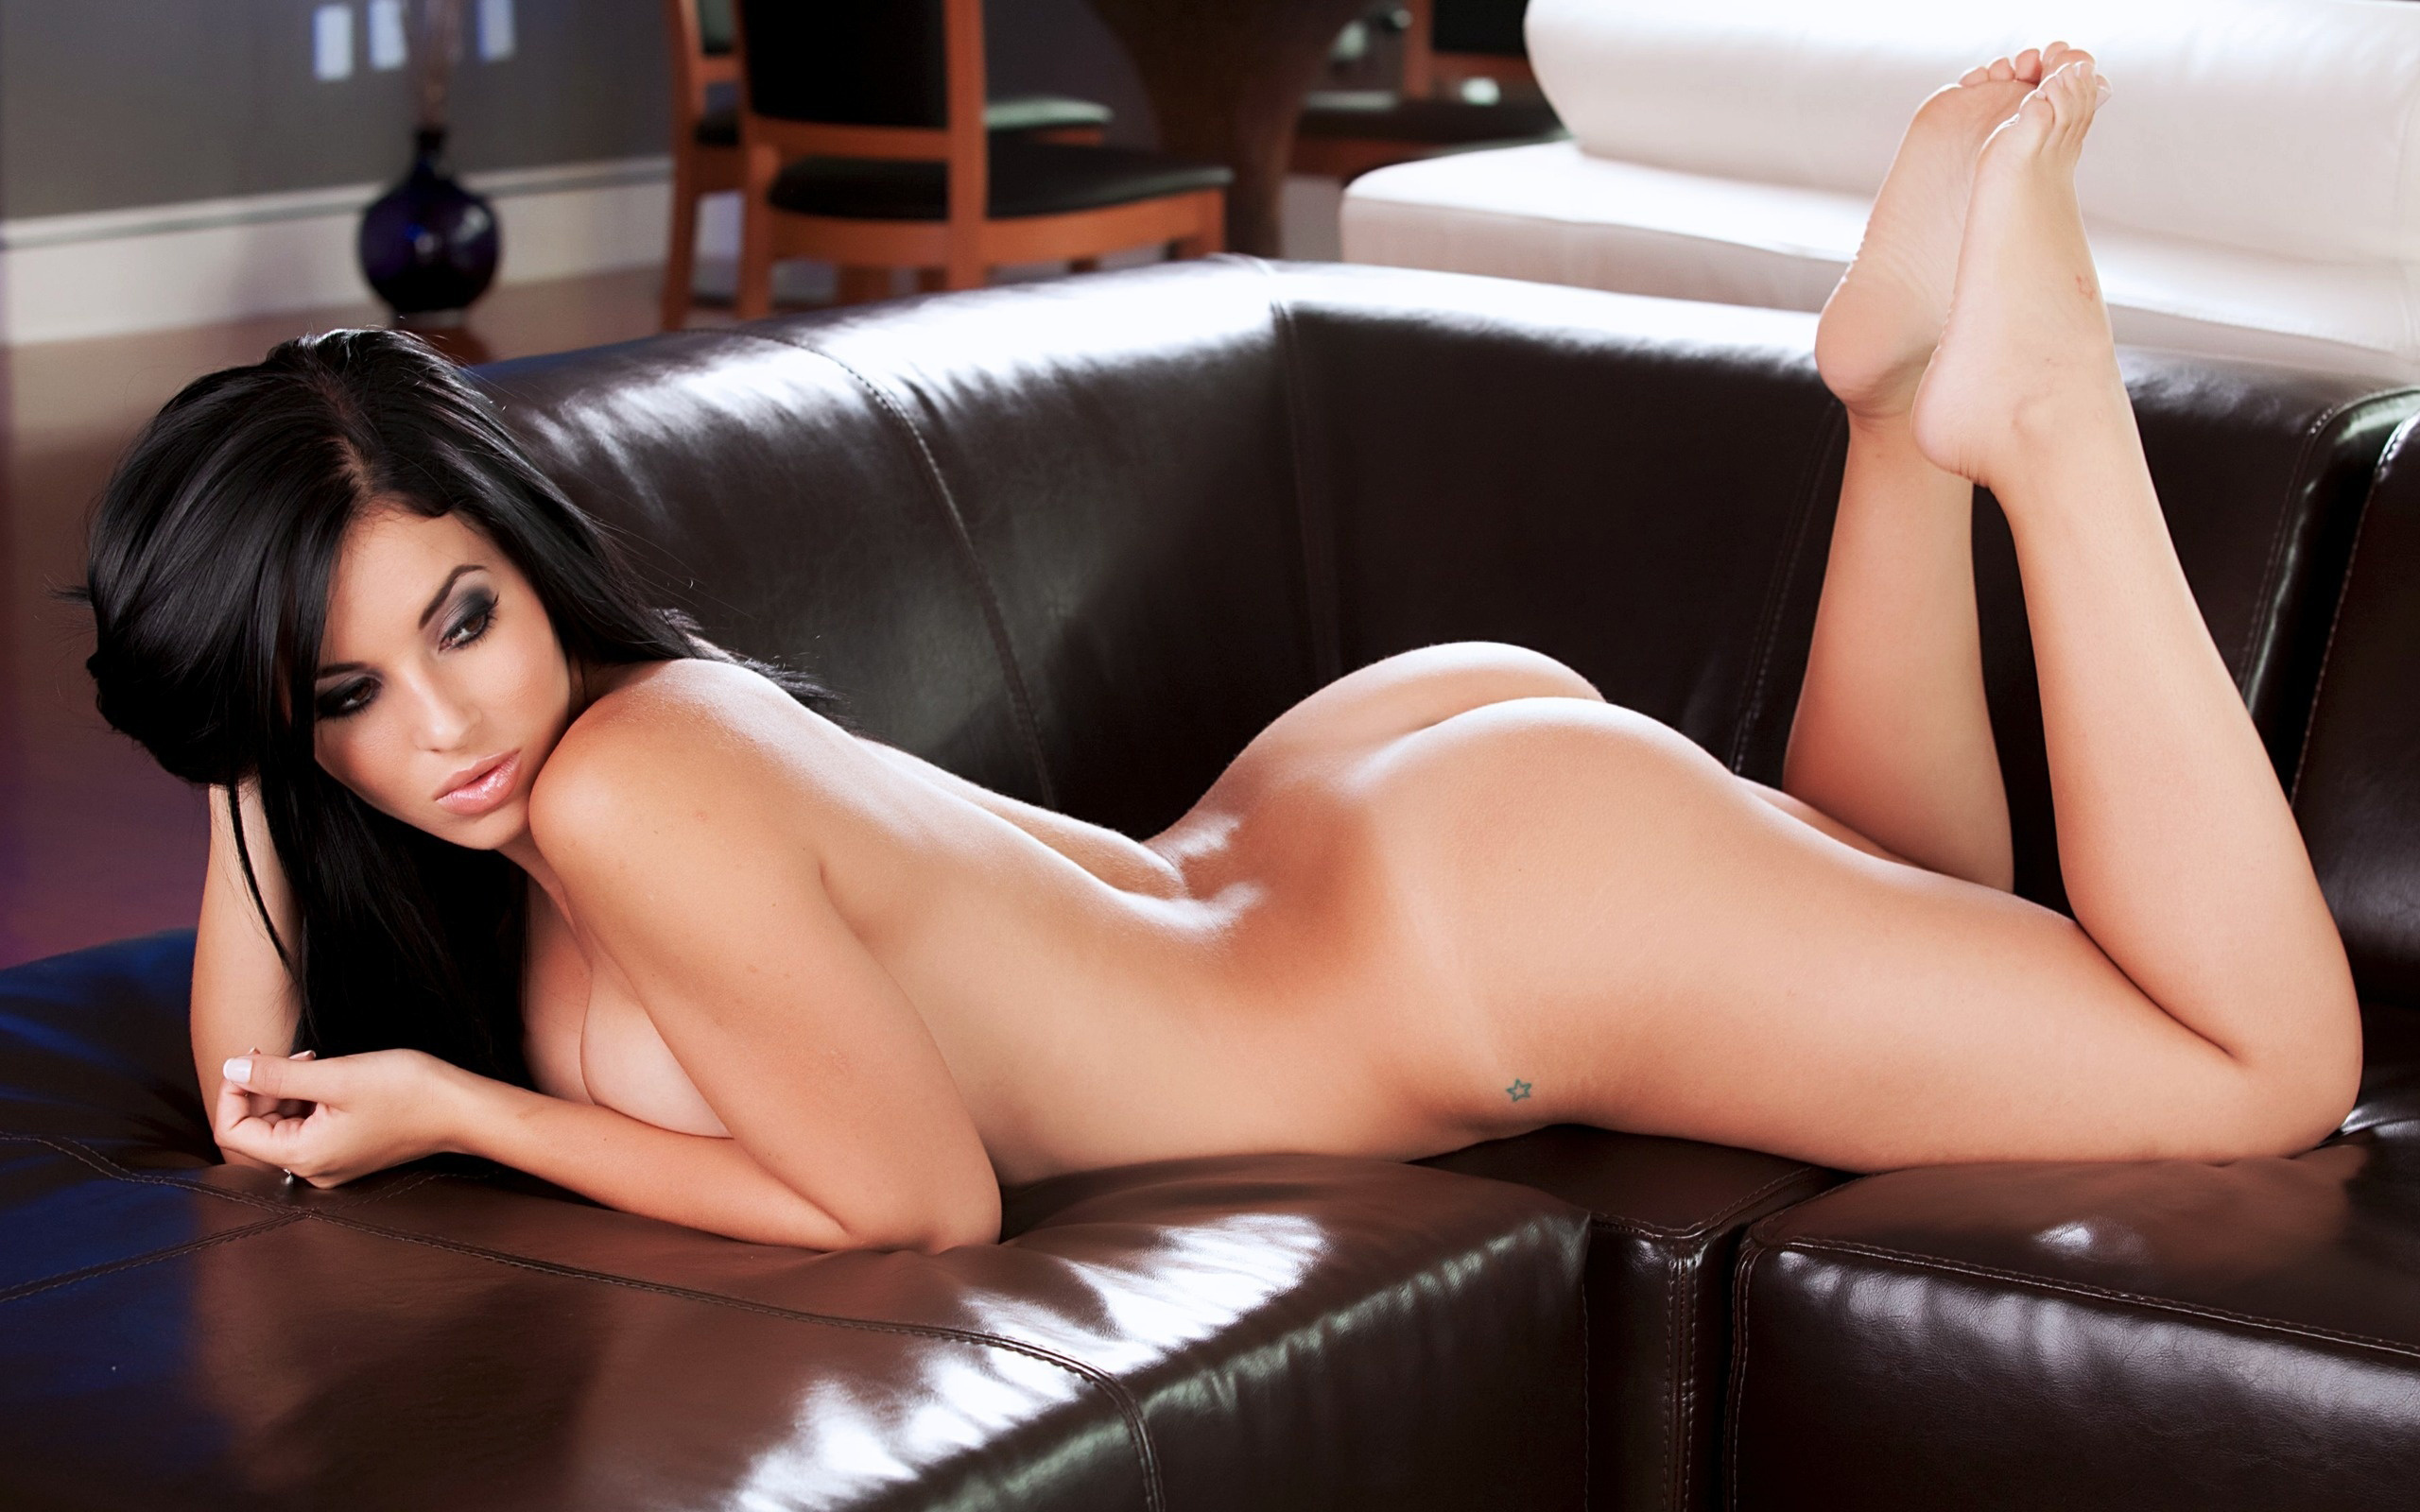 Фото голых прекрасных девушек 14 фотография